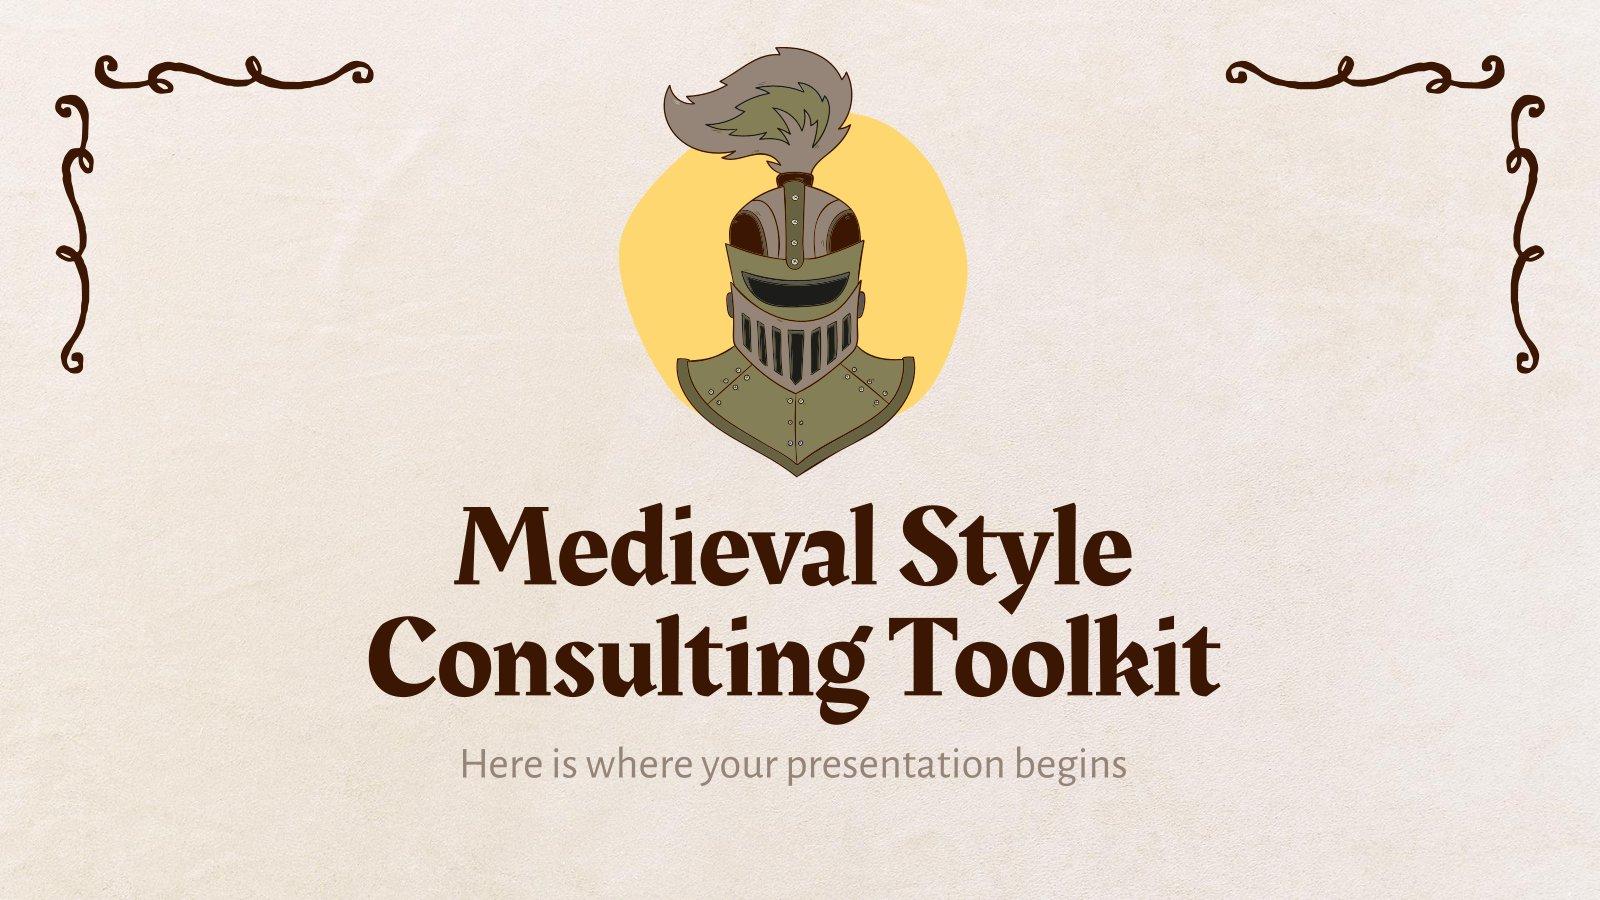 Mittelalterlicher Stil Beratung Toolkit Präsentationsvorlage